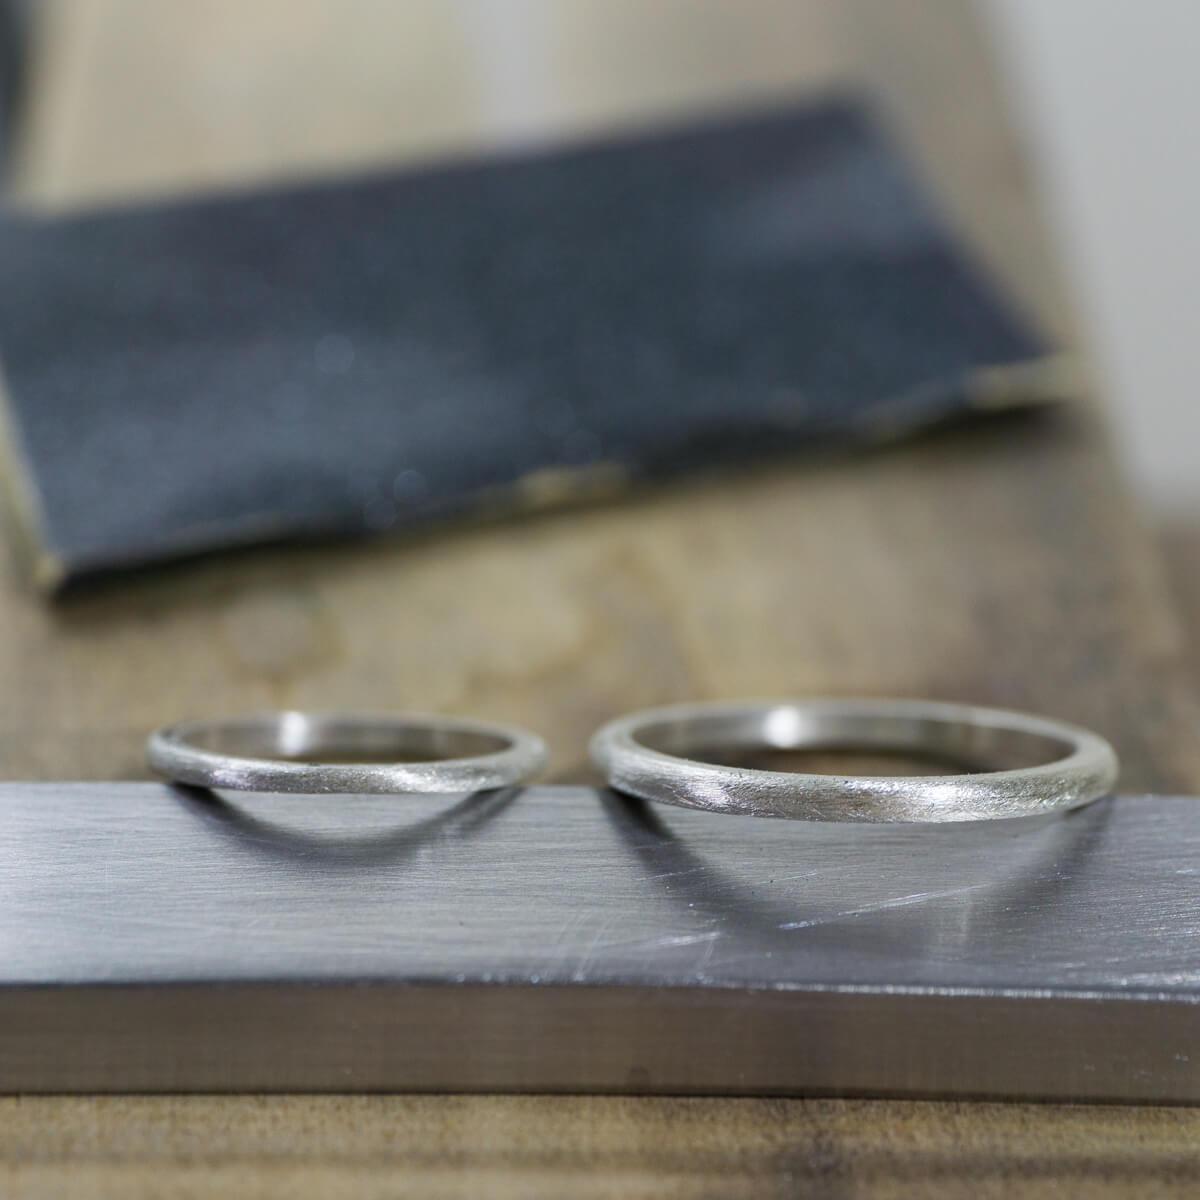 場面2 オーダーメイド結婚指輪 サンプルリングの制作風景 シルバー 屋久島でつくる結婚指輪